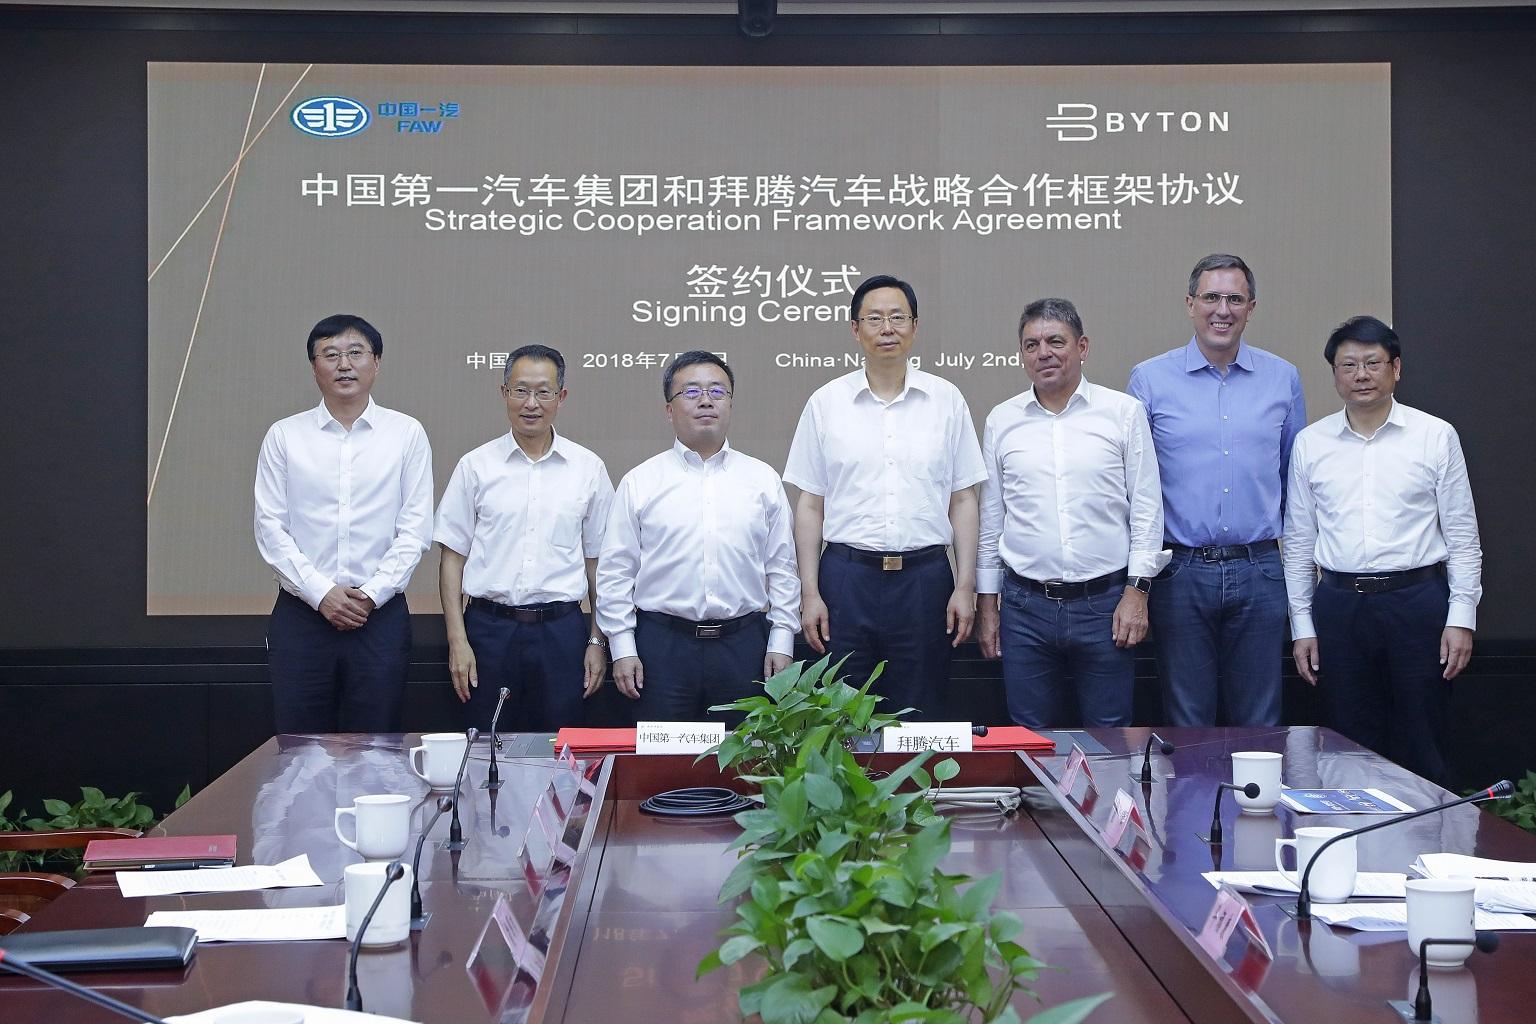 拜腾与中国一汽签署战略合作框